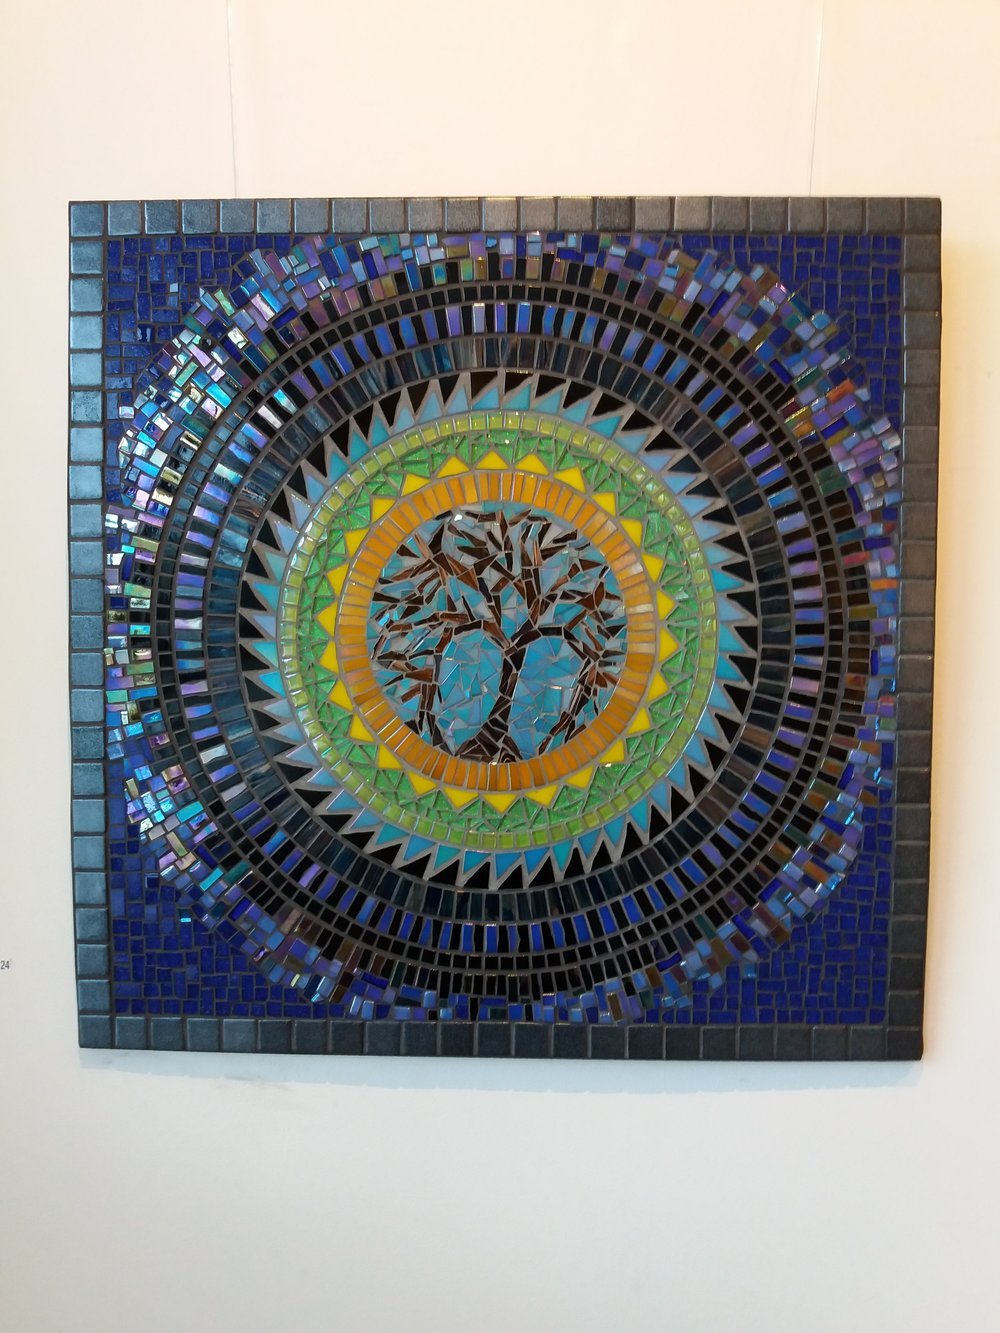 Tree of Life Mandala mosaic